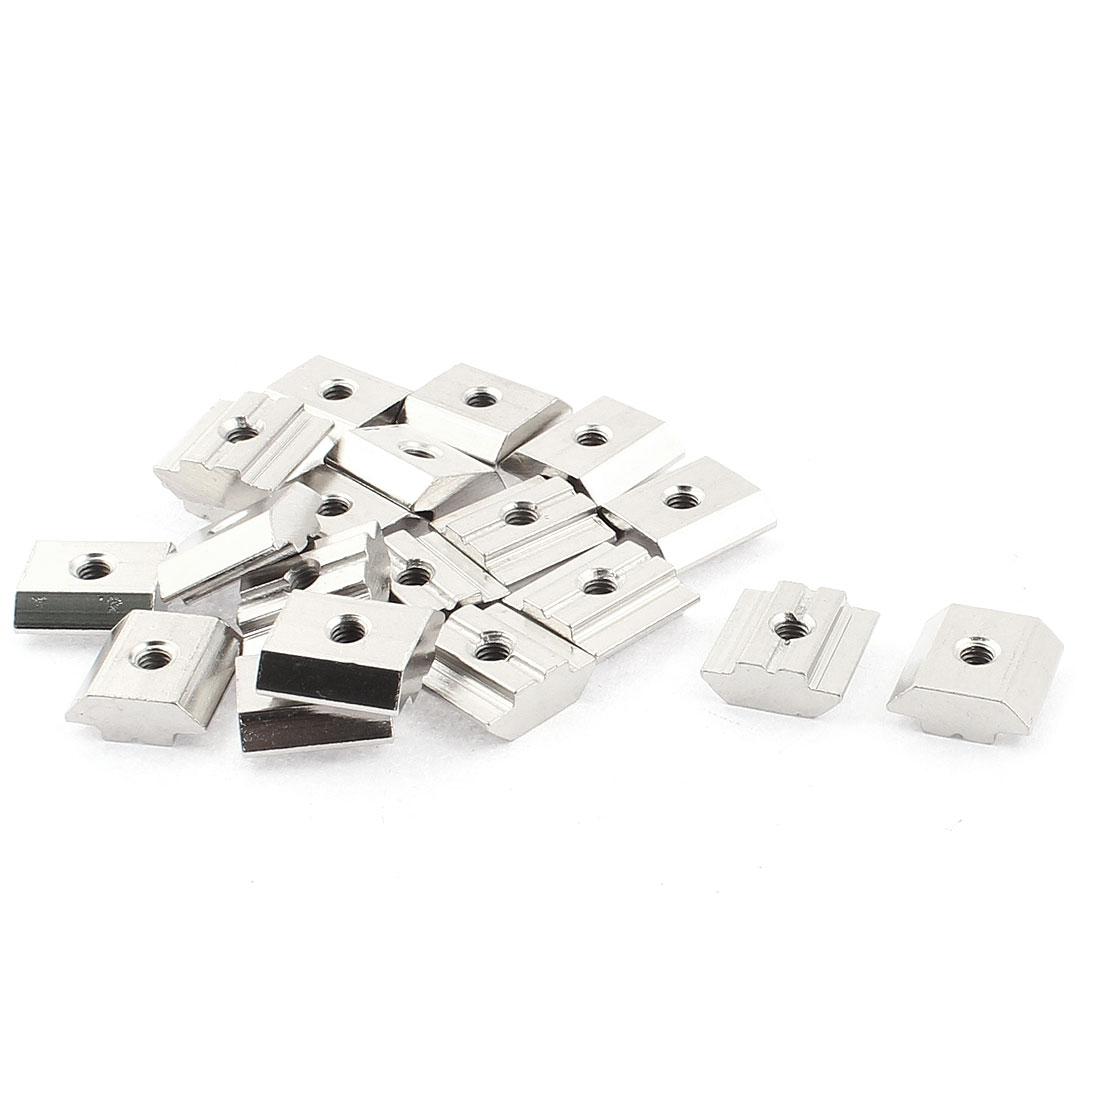 M4 Female Thread Metal T-slot Sliding Block Slot Nut Silver Tone 20pcs